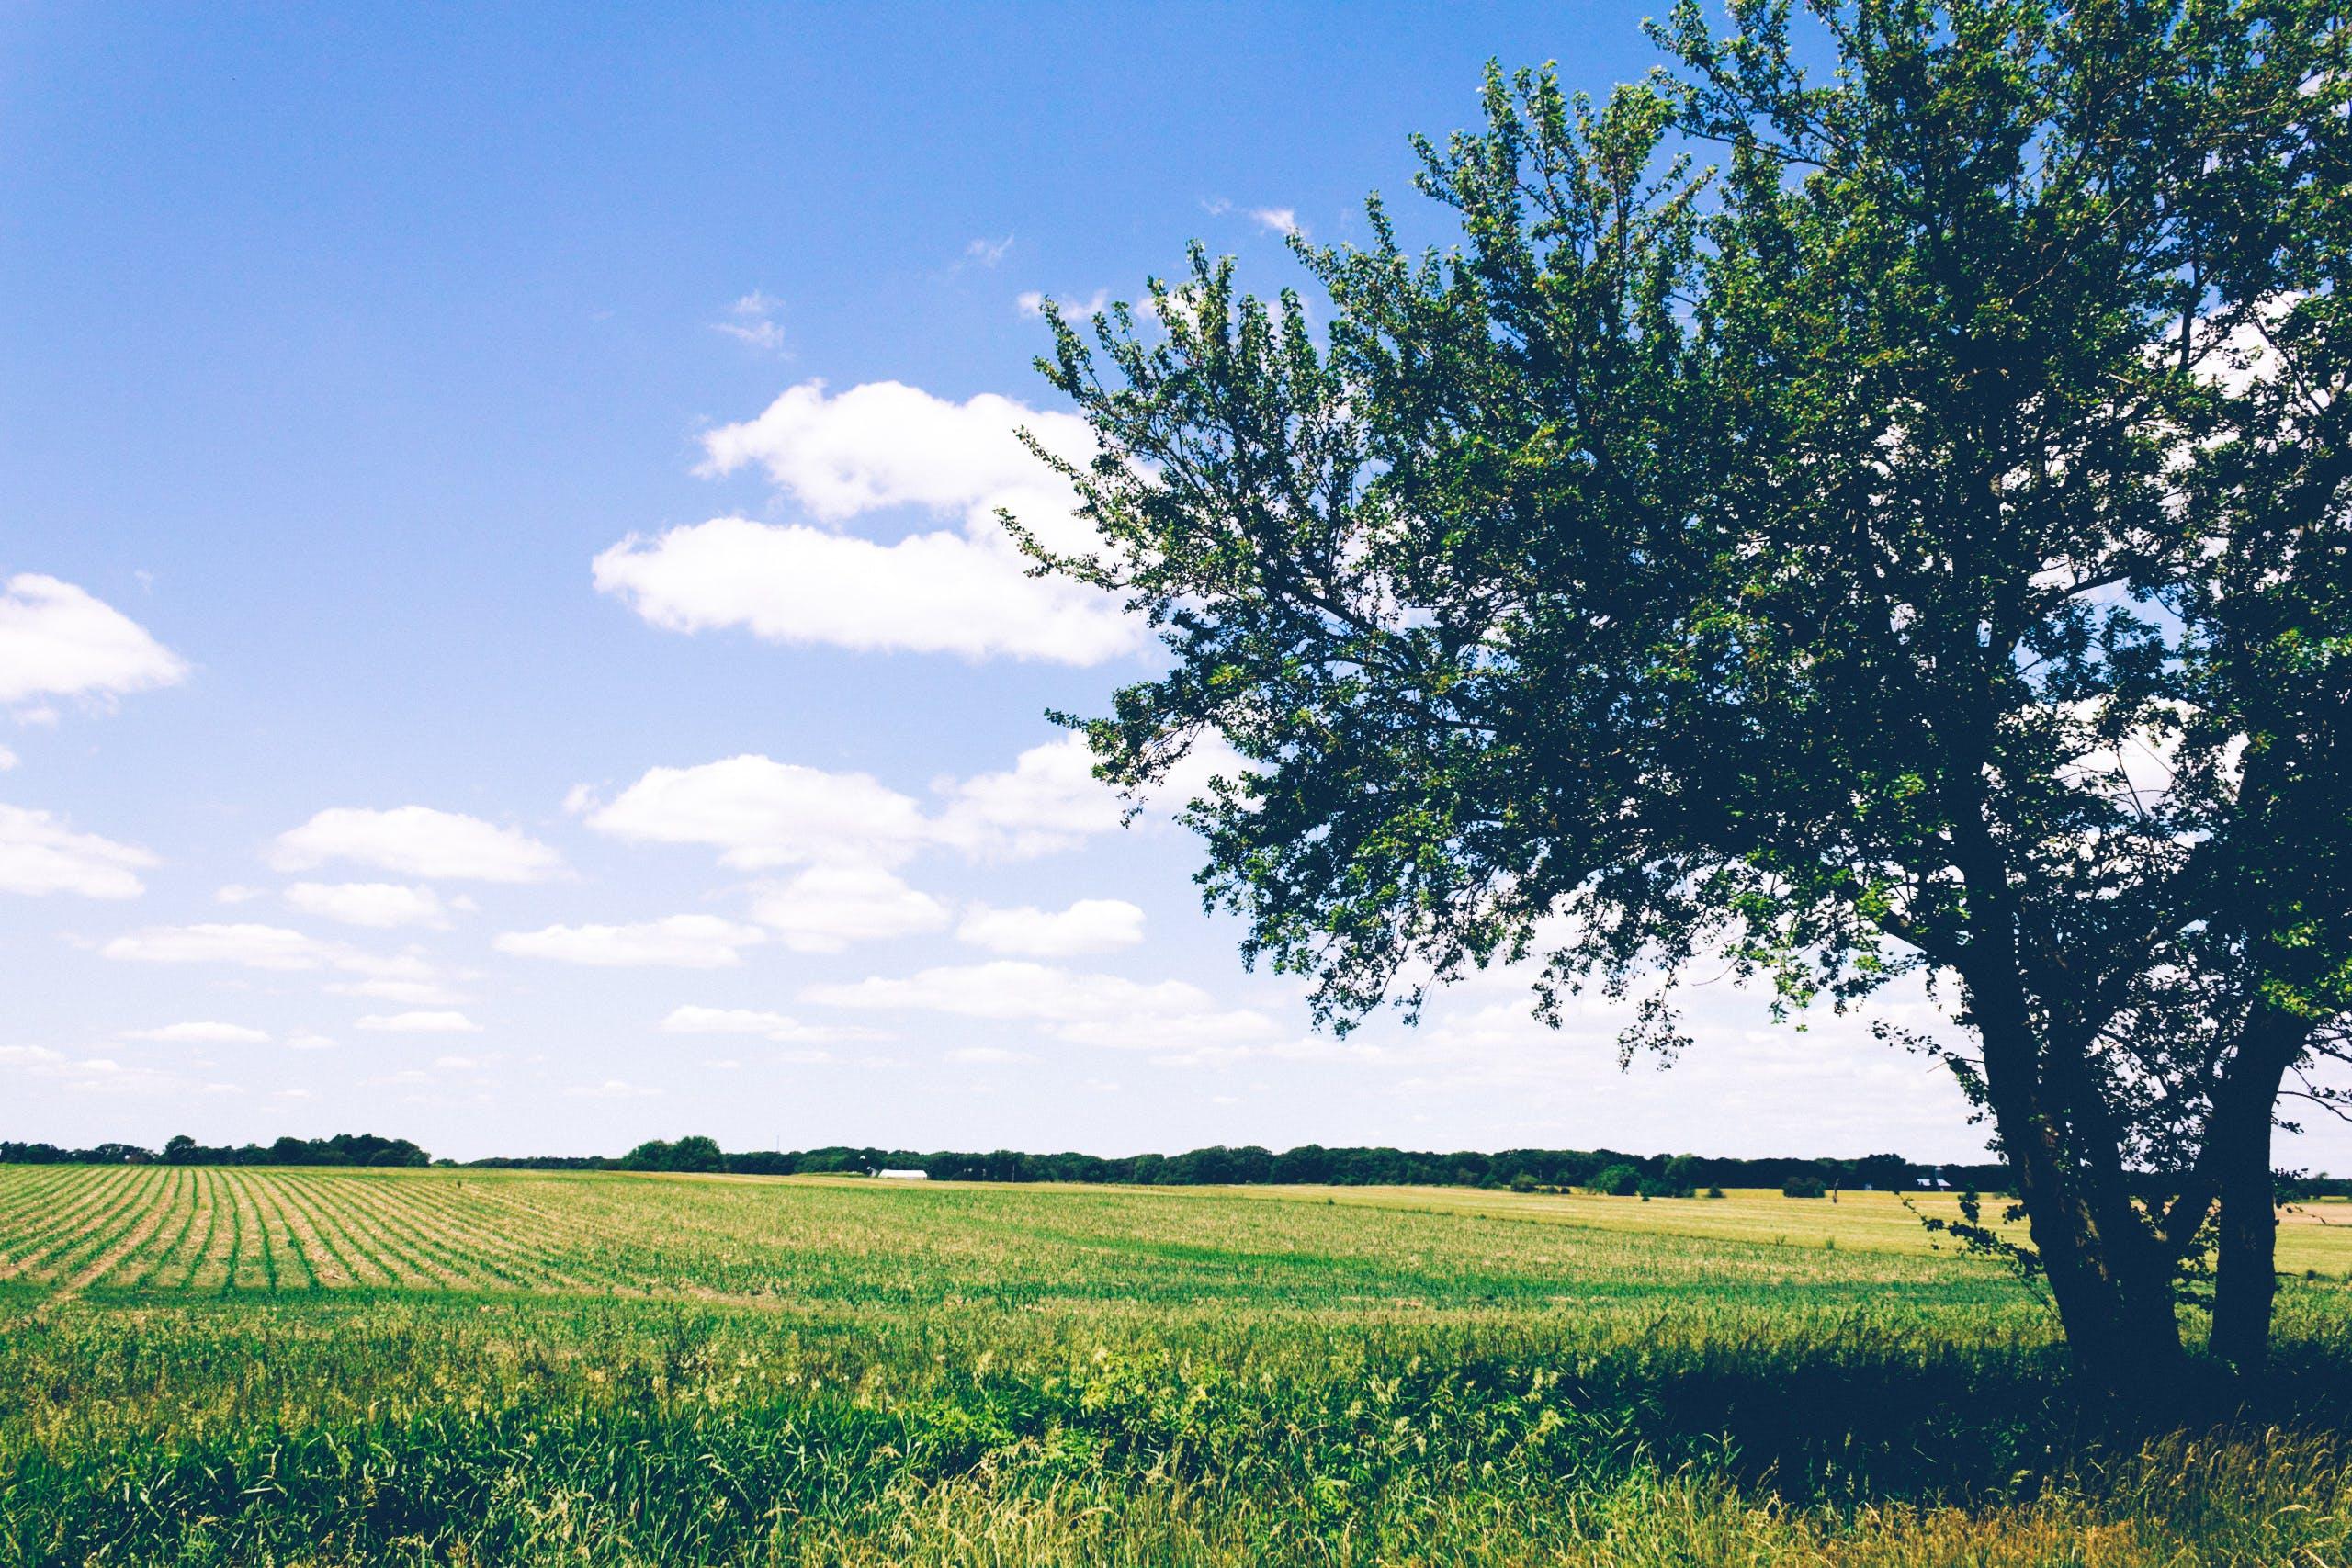 Green Leafed Tree Beside Open Field